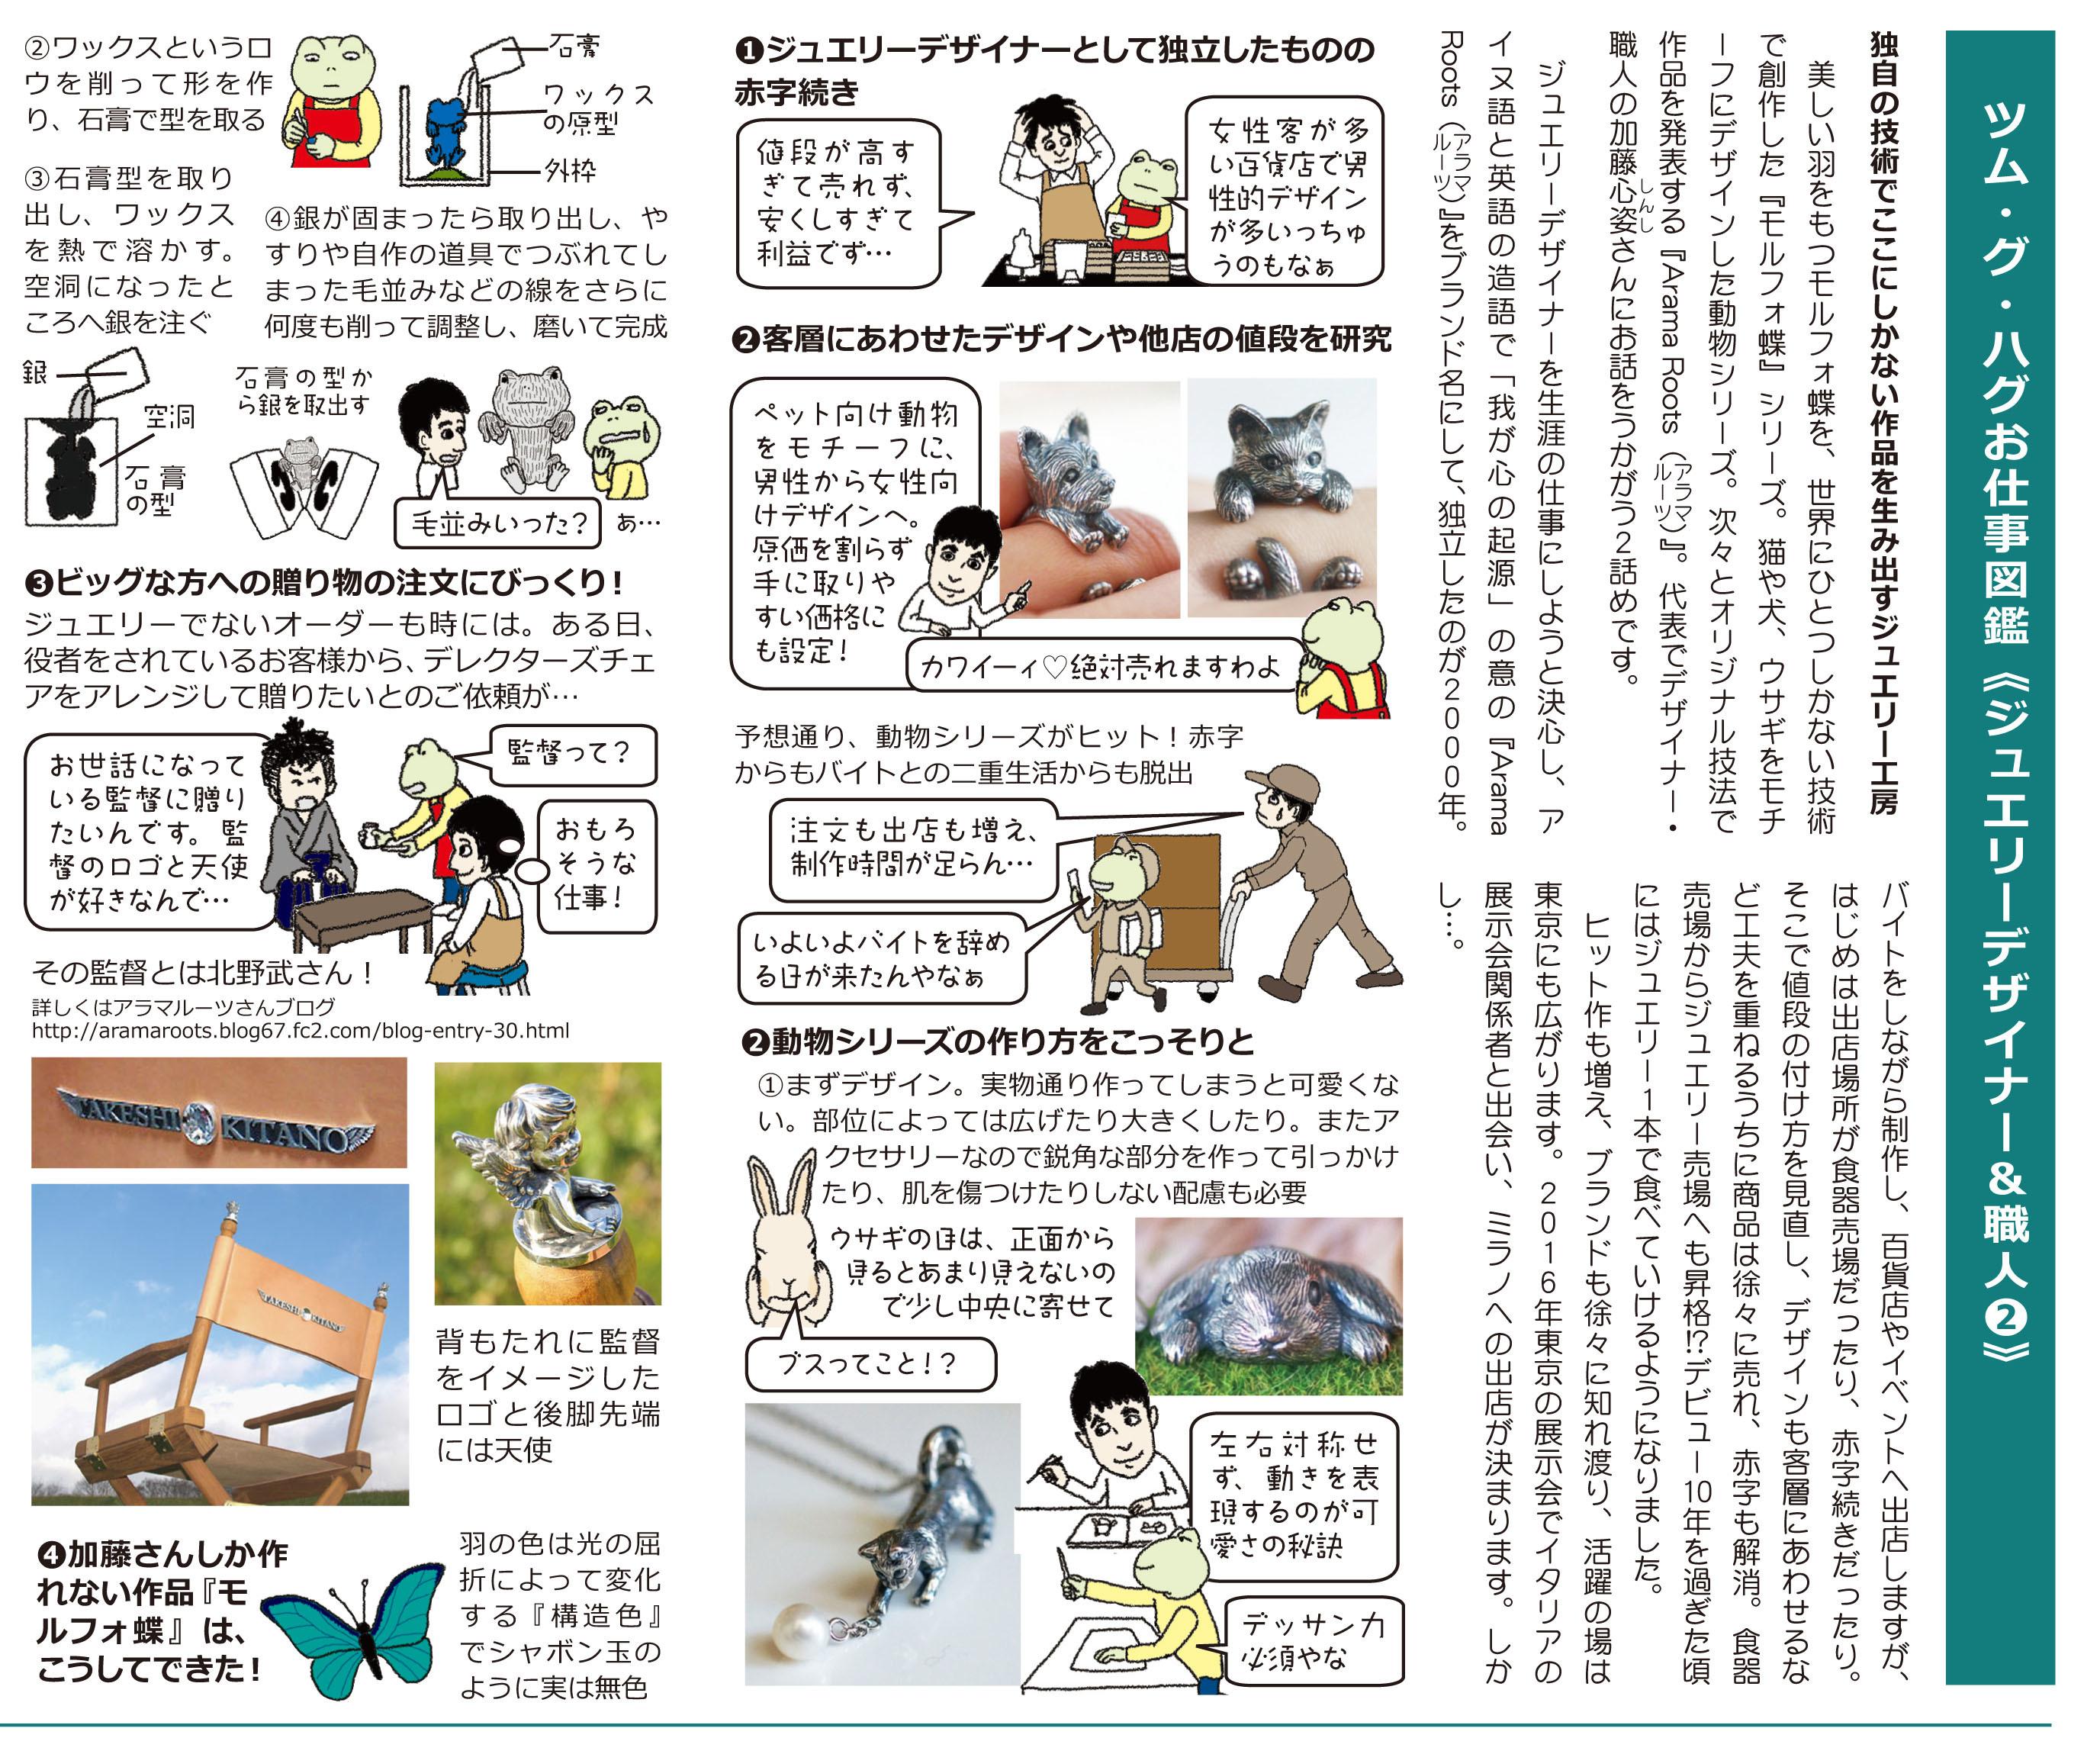 「大山崎ツム・グ・ハグ」お仕事図鑑 Vo.2